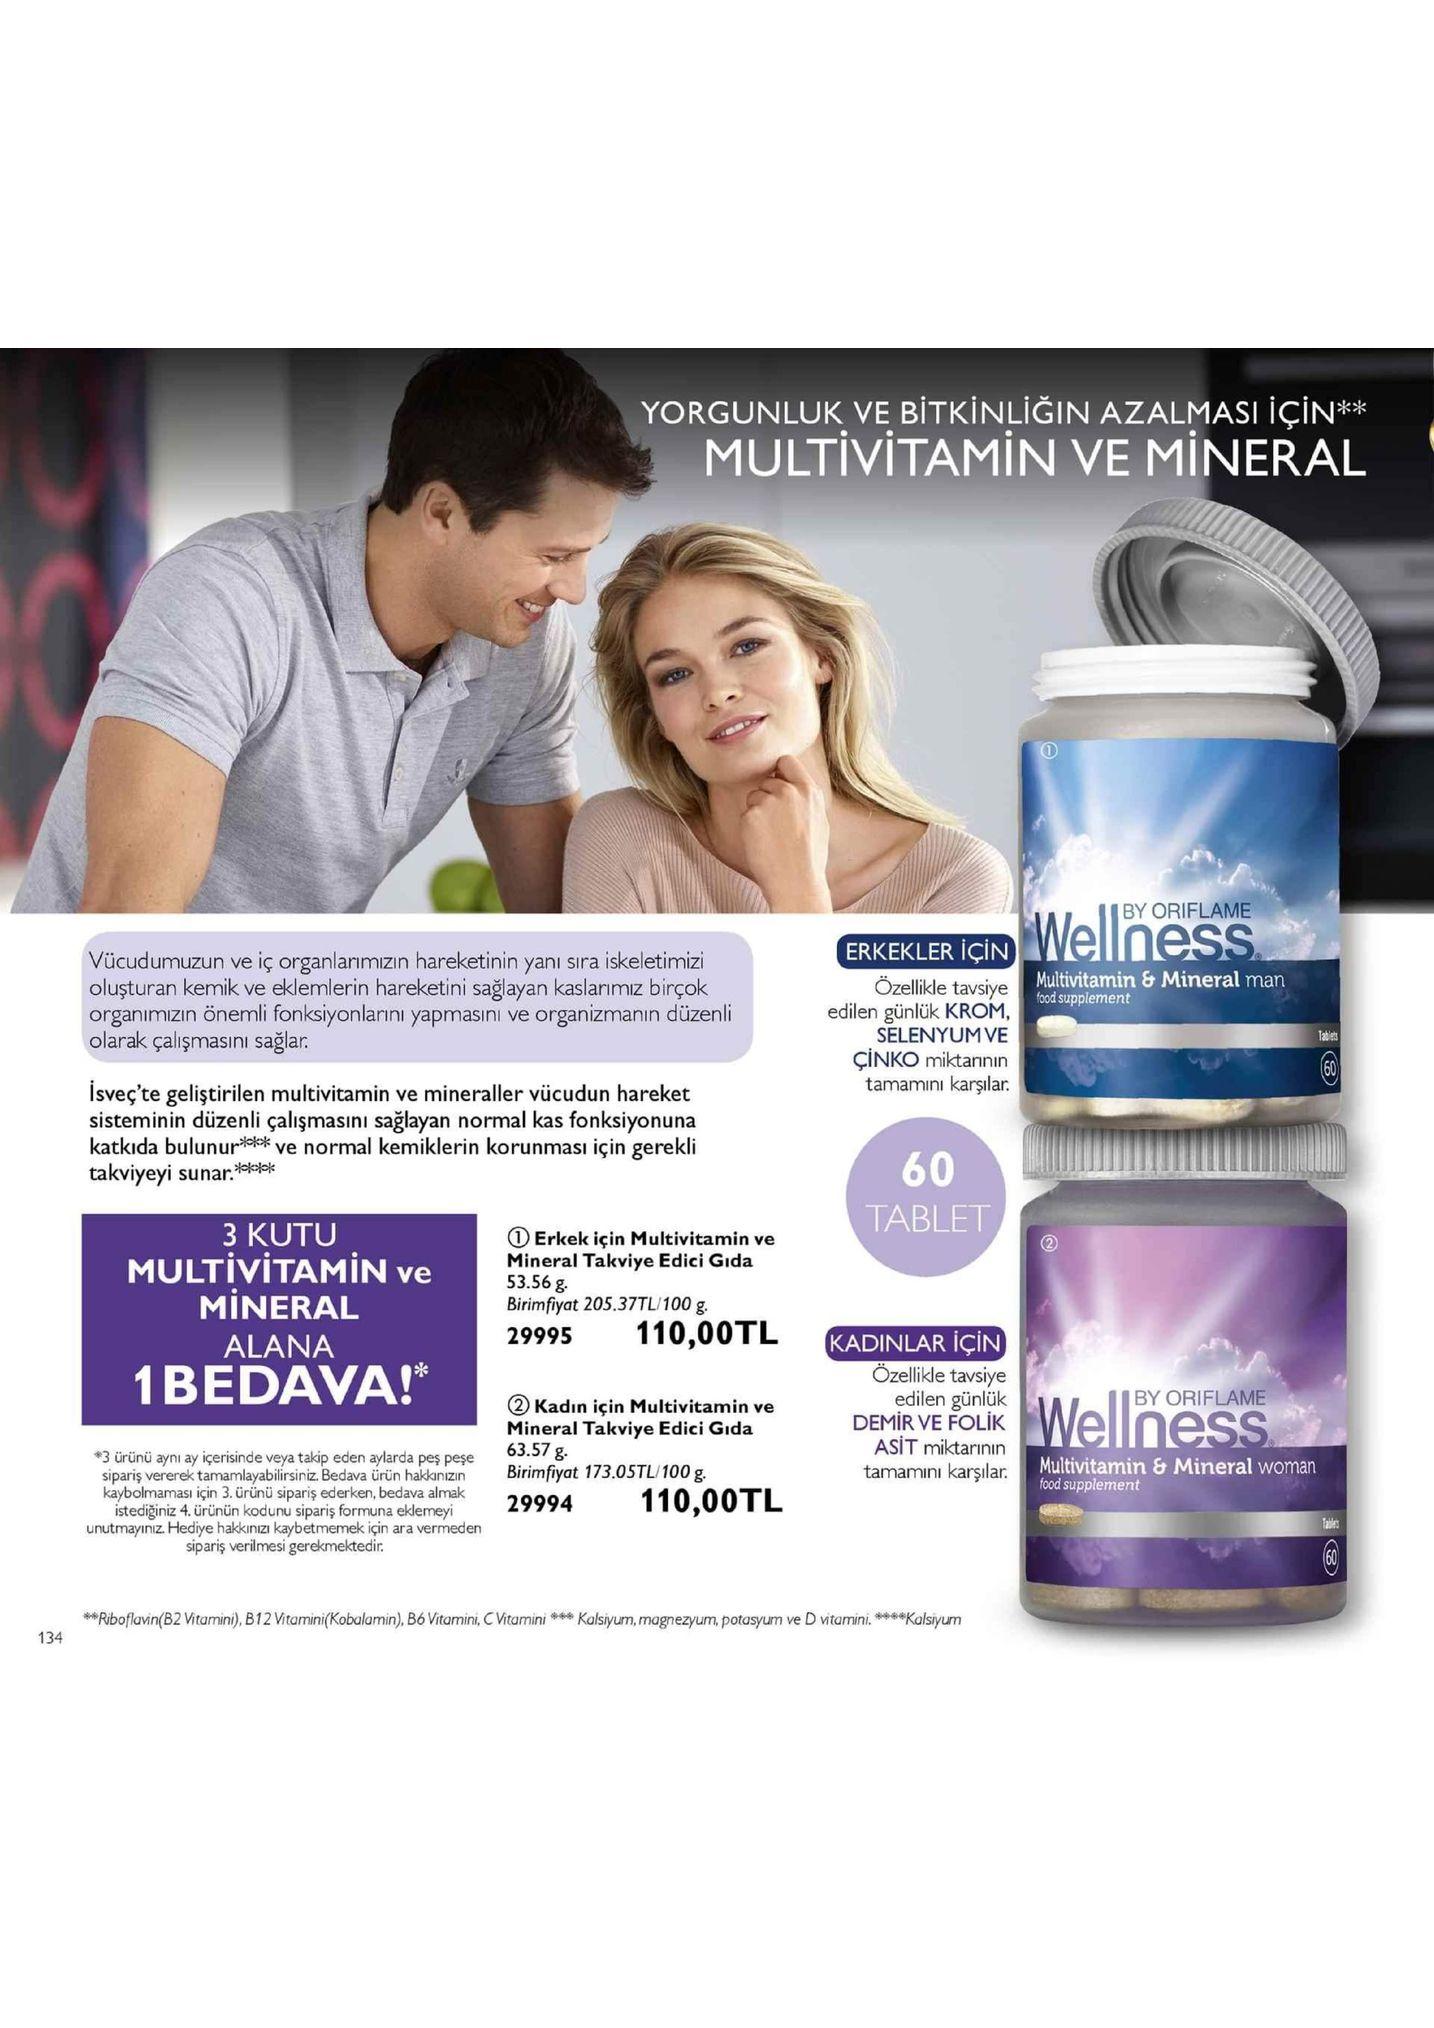 yorgunluk ve bitkinliğin azalmasi için** multivitamin ve mineral by oriflame erkekler için vücudumuzun ve iç organlarımızın hareketinin yanı sıra iskeletimiz oluşturan kemik ve eklemlerin hareketini sağlayan kaslanımız birçok organımızın önemli fonksiyonlarıni yapmasıni ve organizmanın düzenli olarak çalişmasını sağlar. multivitamin & mineral man food supplement ozellikle tavsiye edilen günlük krom selenyumve çinko miktannin tamamini karşılar. tablets 60 isveç'te geliştirilen multivitamin ve mineraller vücudun hareket sisteminin düzenli çalişmasıni sağlayan normal kas fonksiyonuna katkıda bulnve normal kemiklerin korunması için gerekli takviyeyi sunar:ee 60 tablet 3 kutu multivitamin ve mineral alana 1 bedava! ① erkek için multivitamin ve mineral takviye edici gıda 53.56 g birimfiyat 205.37tl/100 g. 29995 110,00tl kadinlar için tenes (2 kadın için multivitamin ve mineral takviye edici gıda 63.57 g. özelikle tavsiye edilen günlük demir ve folik asit miktarinin tamamını karşılar. iby oriflame 0 multivitamin & mineral woman #3 ürünü aynı ay içerisinde veya takip eden aylarda peş peşe sipariş vererek tamamlayabilirsiniz bedava úrün hakknzn birimfiyat 173.0stl/100 g food supplement kaybolmaması için 3. ürünü sipariş ederken, bedava almak istediğiniz 4. ürünün kodunu sipariş formuna eklemeyi unutmayınız. hediye hakkınızı kaybetmemek için ara vermeden sipariş verilmesi gerekmektedir. eriboflavin(b2 vitamini),b12vitamini(kobalamin), bó vitamini, vitaminia,mgnezyum, potasyum ve d vitaminikalsyurm 134